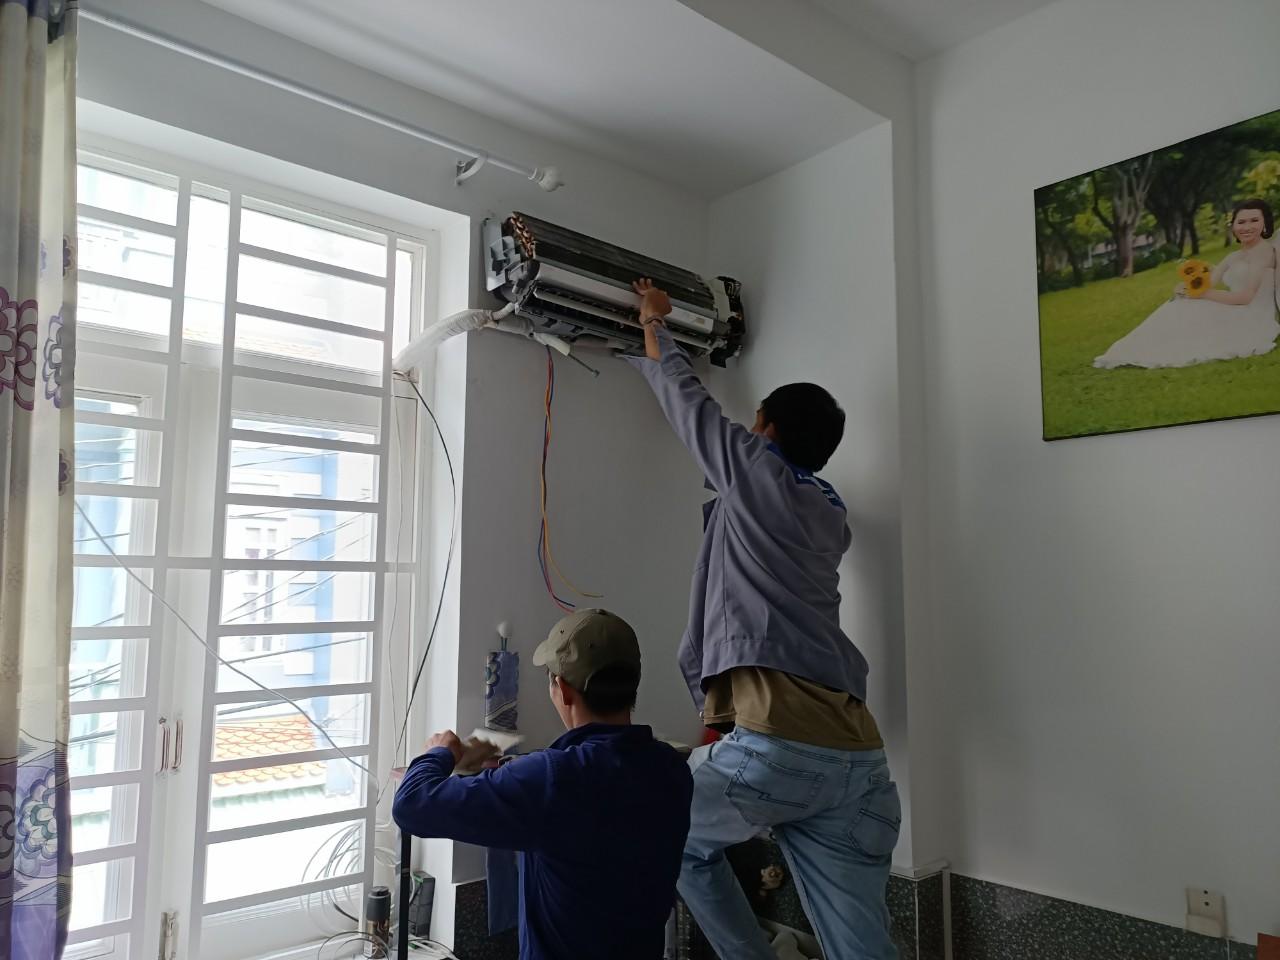 Địa chỉ sửa máy lạnh TP. Hồ Chí Minh uy tín